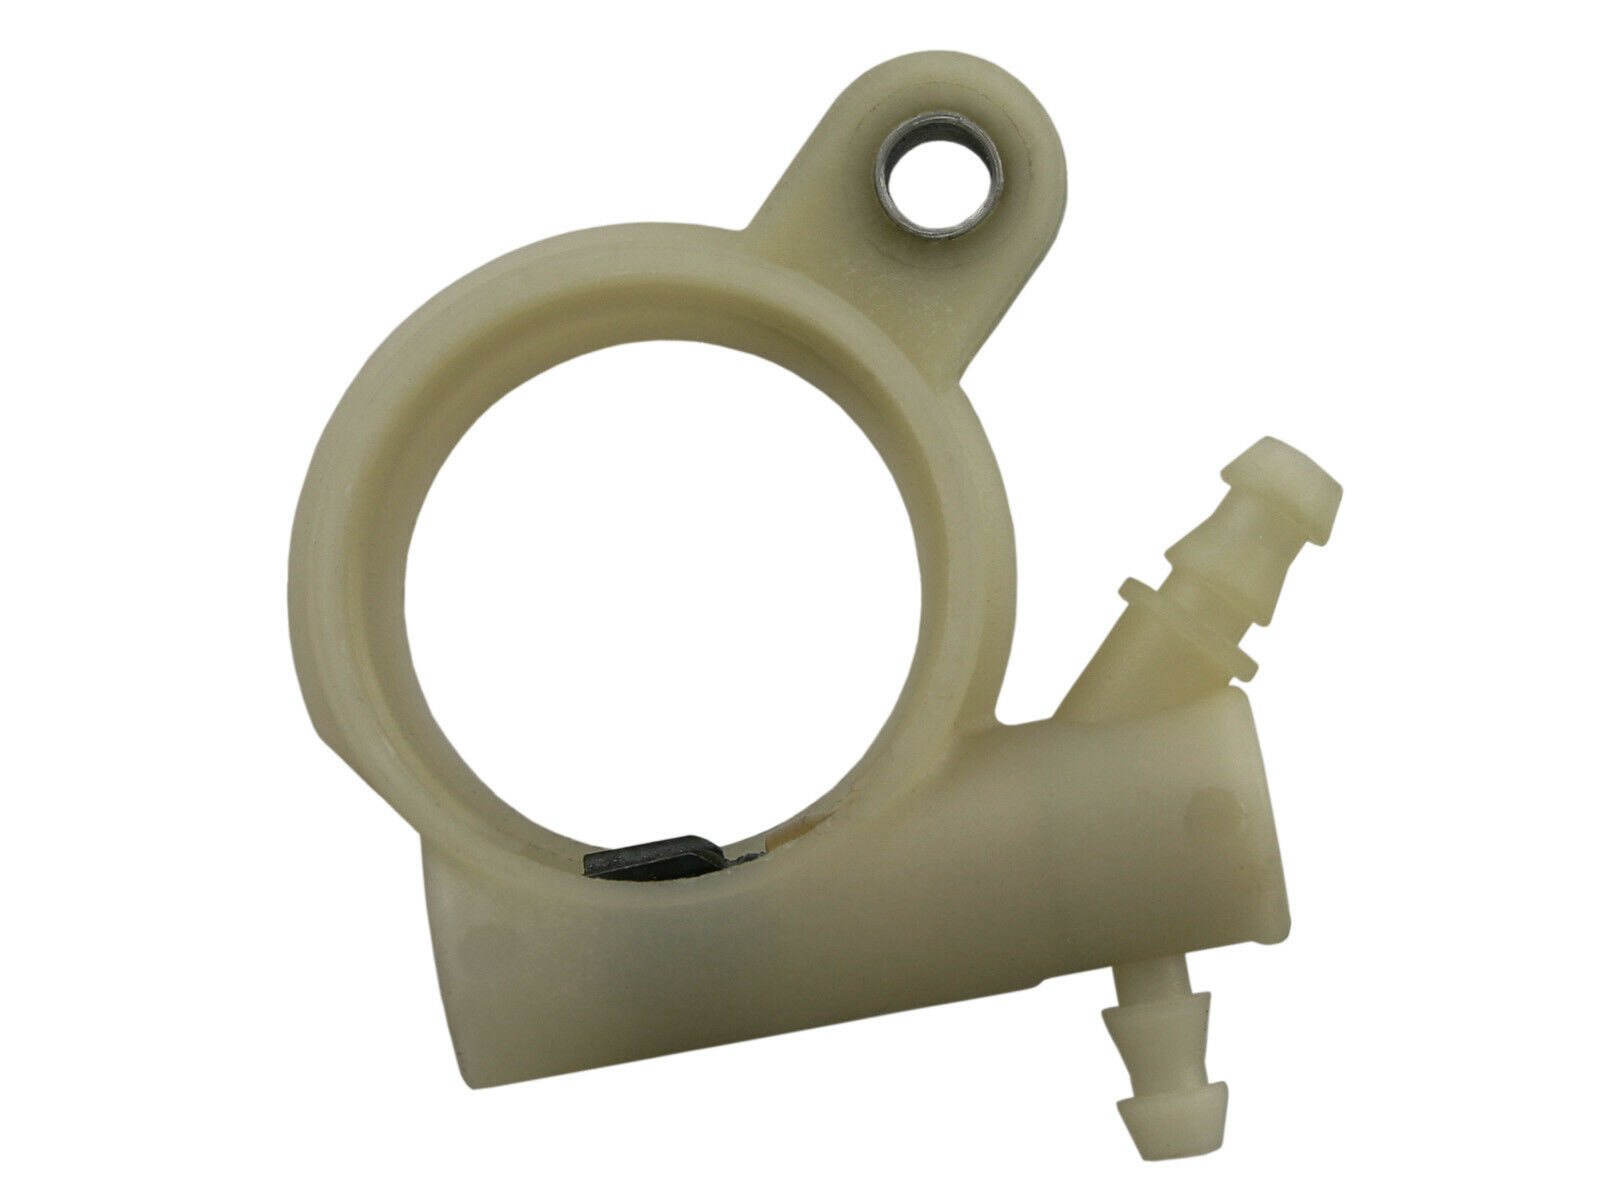 Ölpumpe passend für Stihl MS 251 MS251 Ölförderung Oil pump